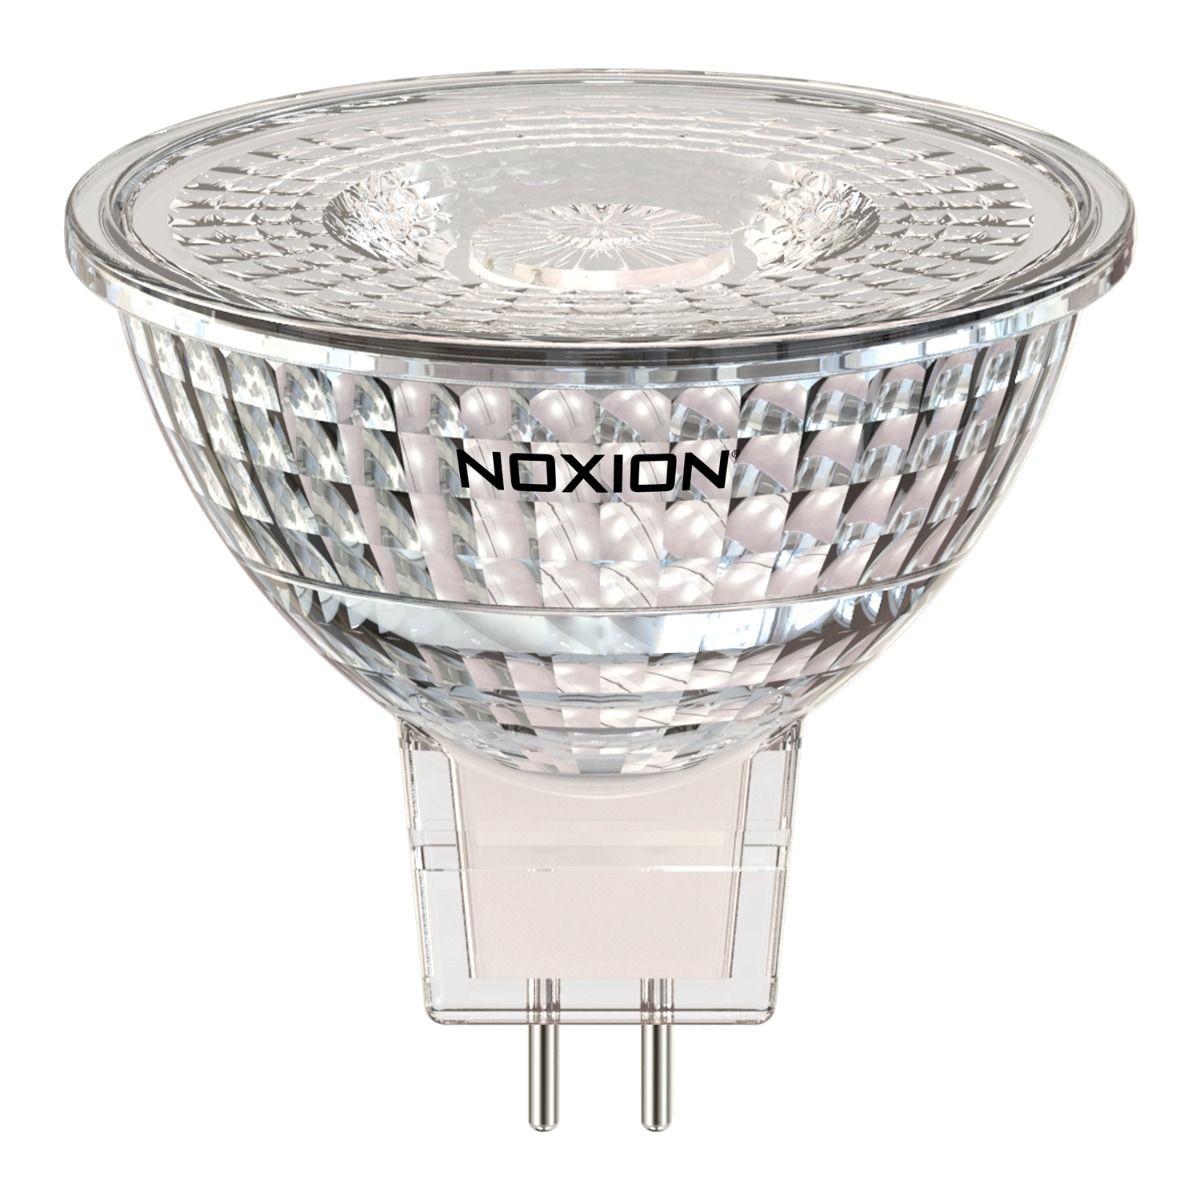 Noxion LED spot GU5.3 5W 830 36D 470lm | dæmpbar - varm hvid - erstatter 35W